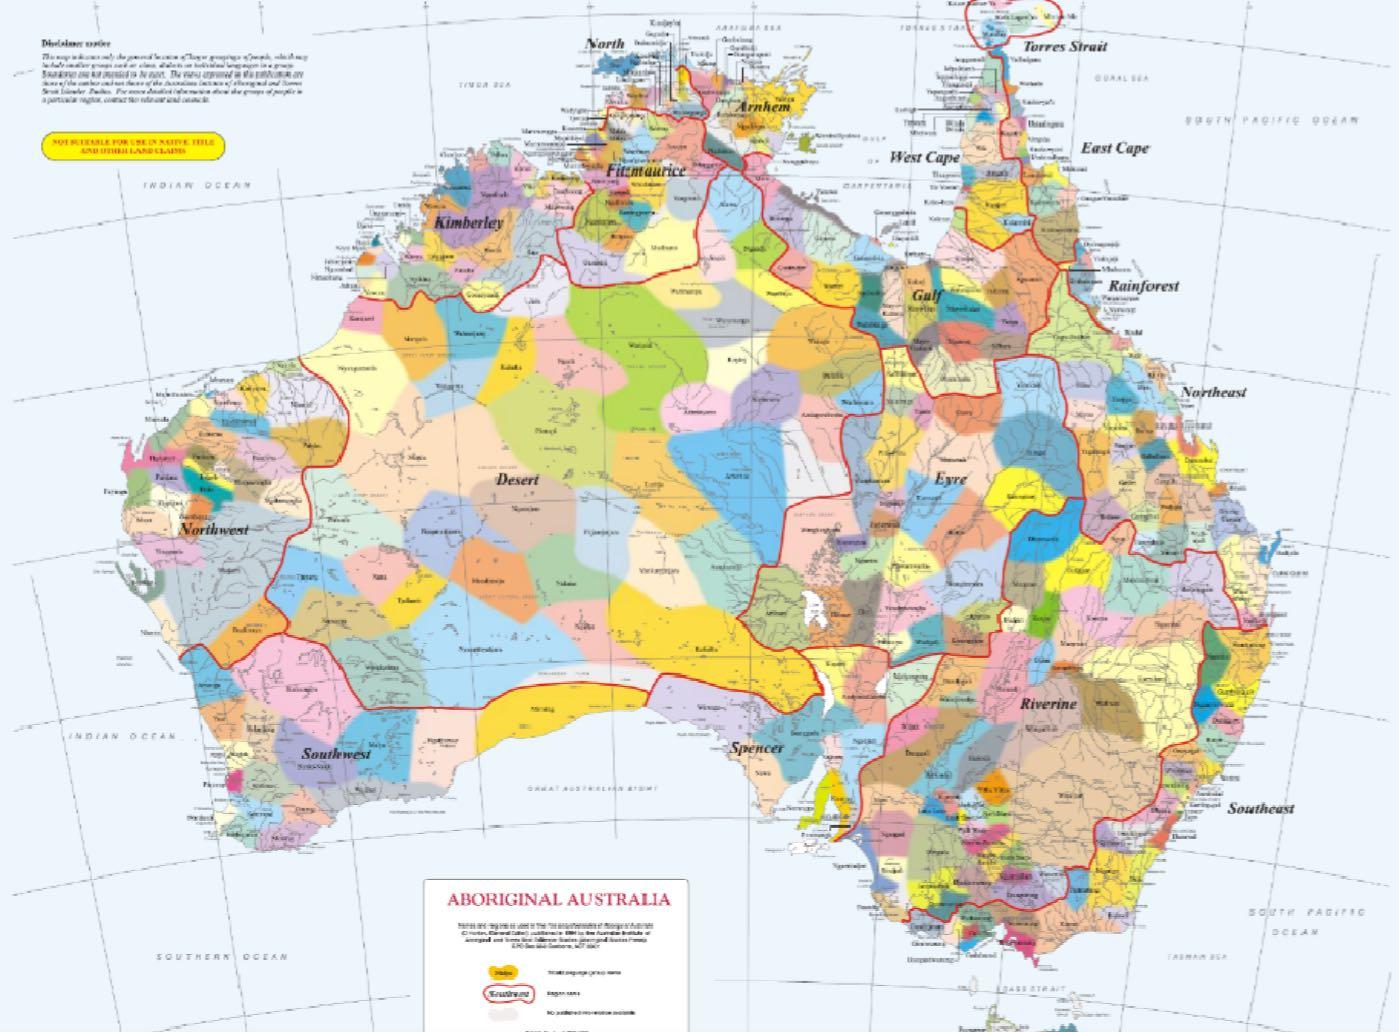 Aboriginal_Australia_map.jpg